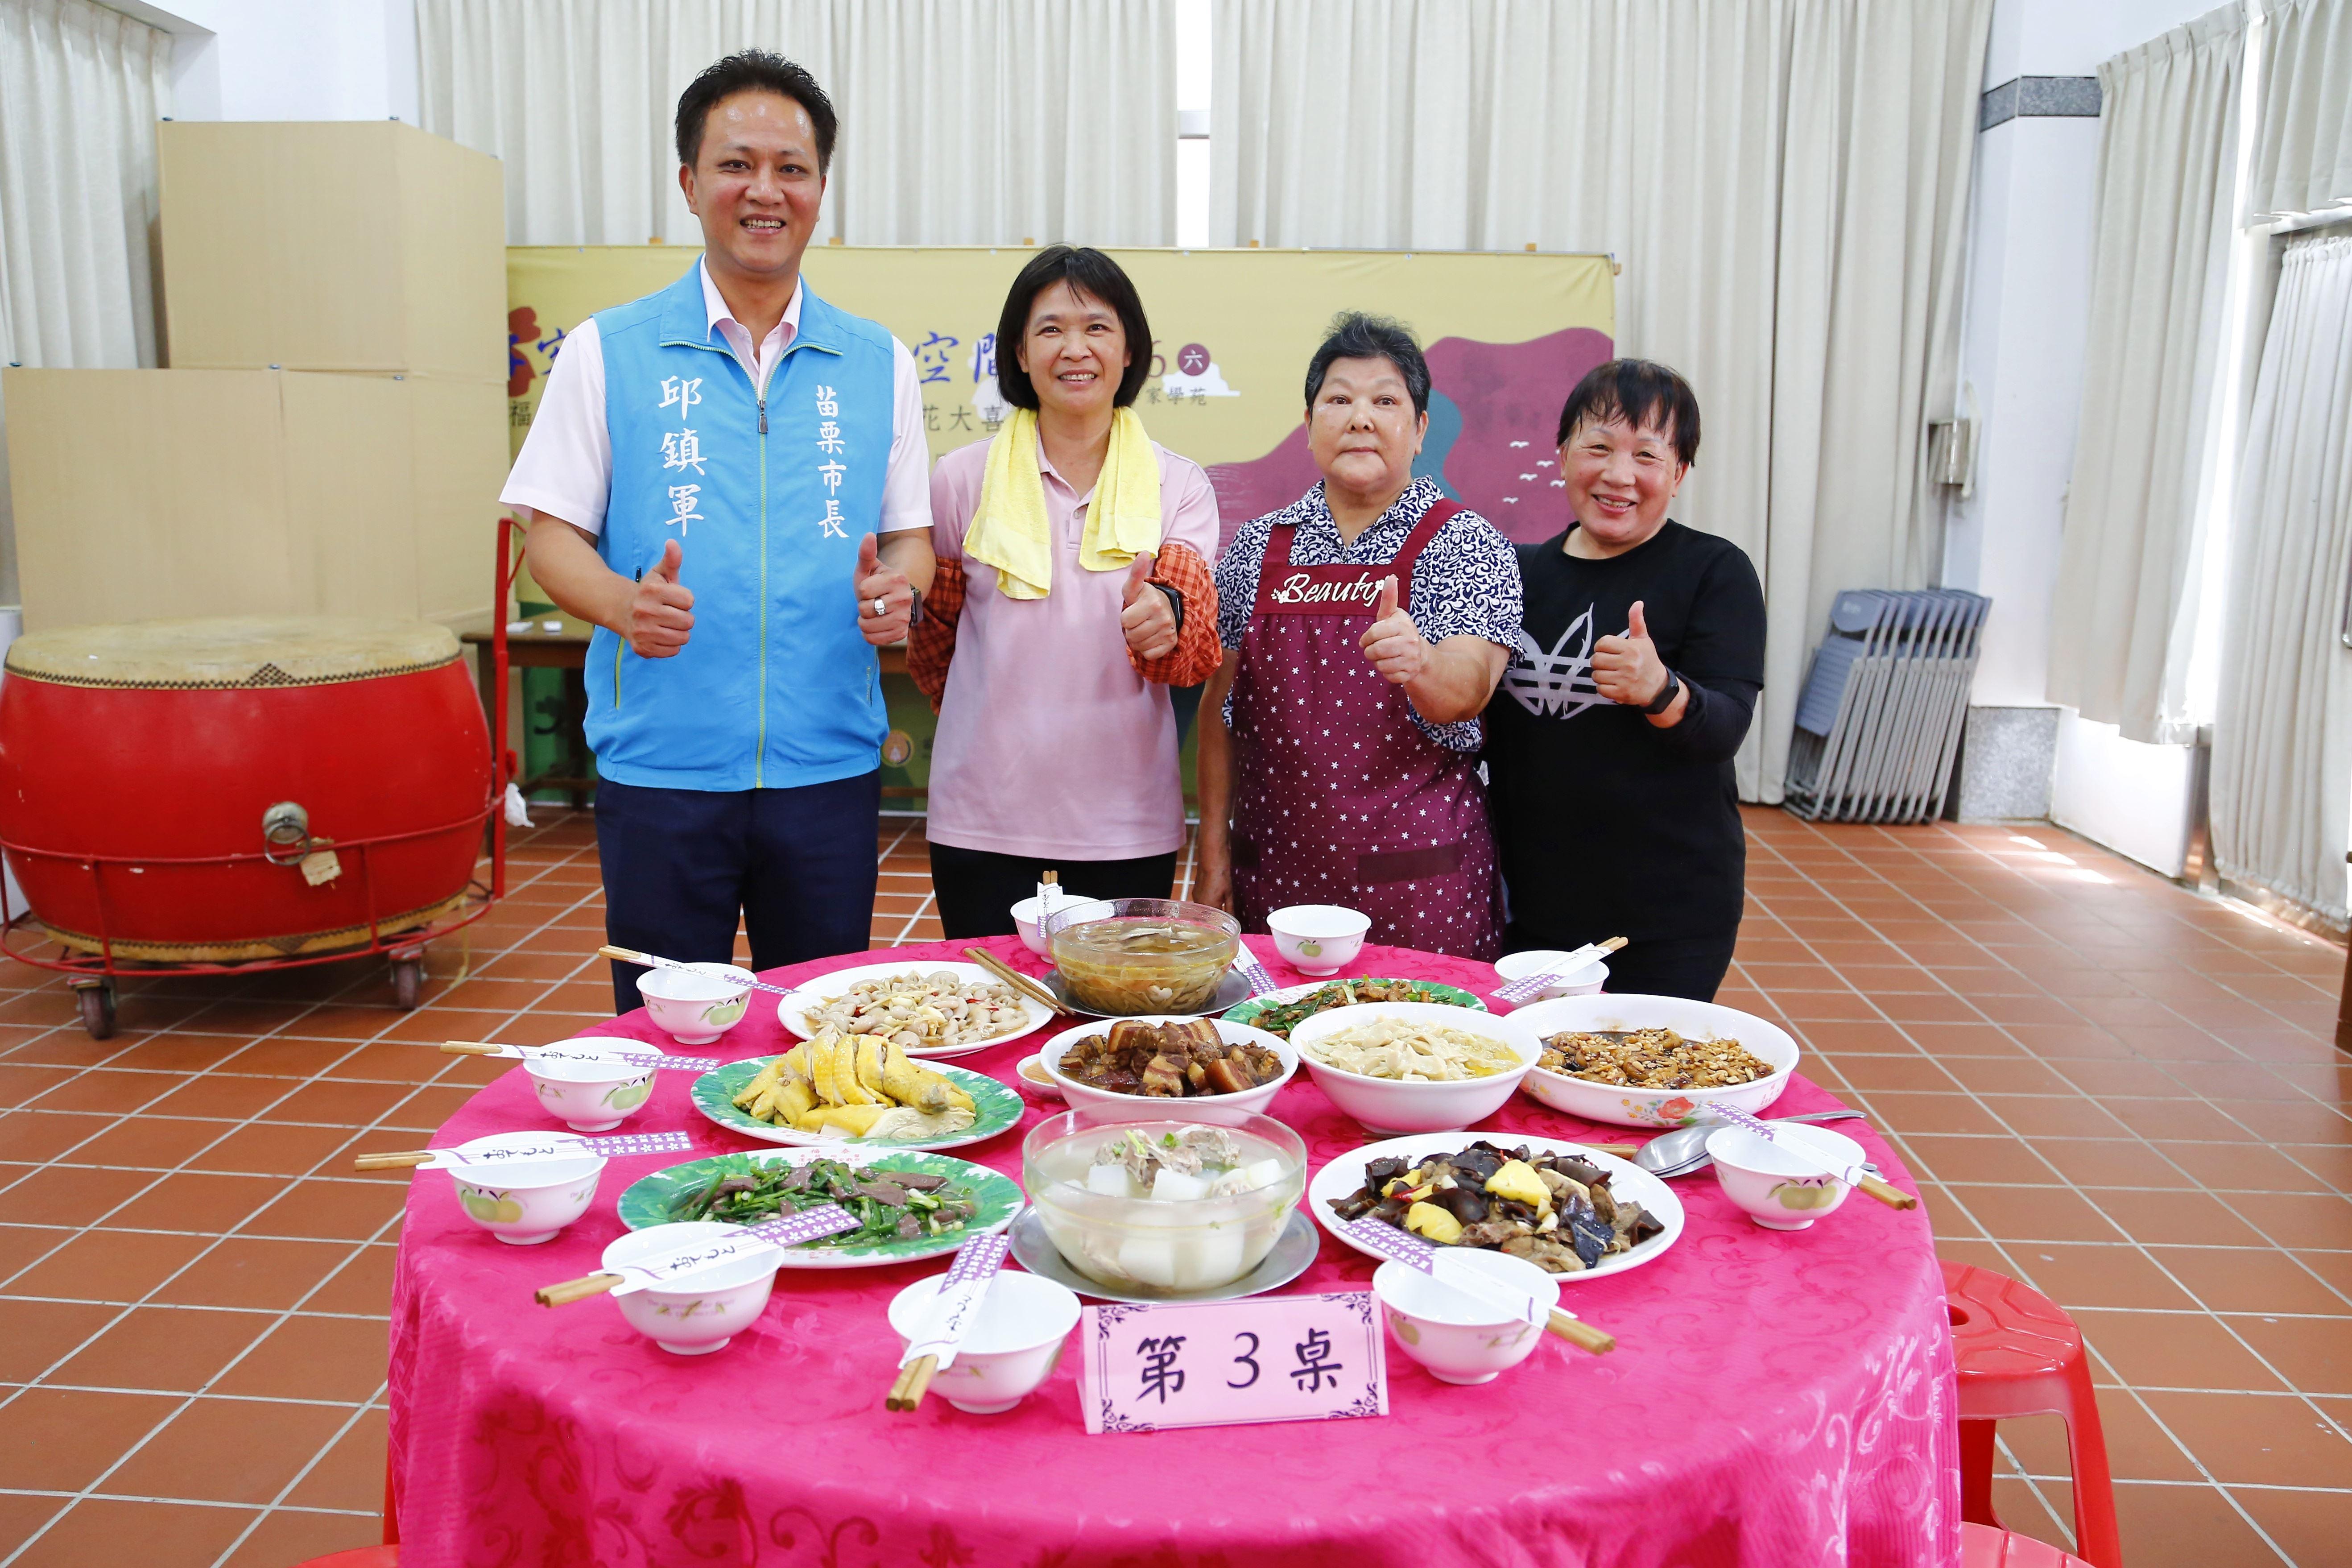 第1屆客家傳統美食四炆四炒競賽,恭喜第一名得主〝貴香農業社〞